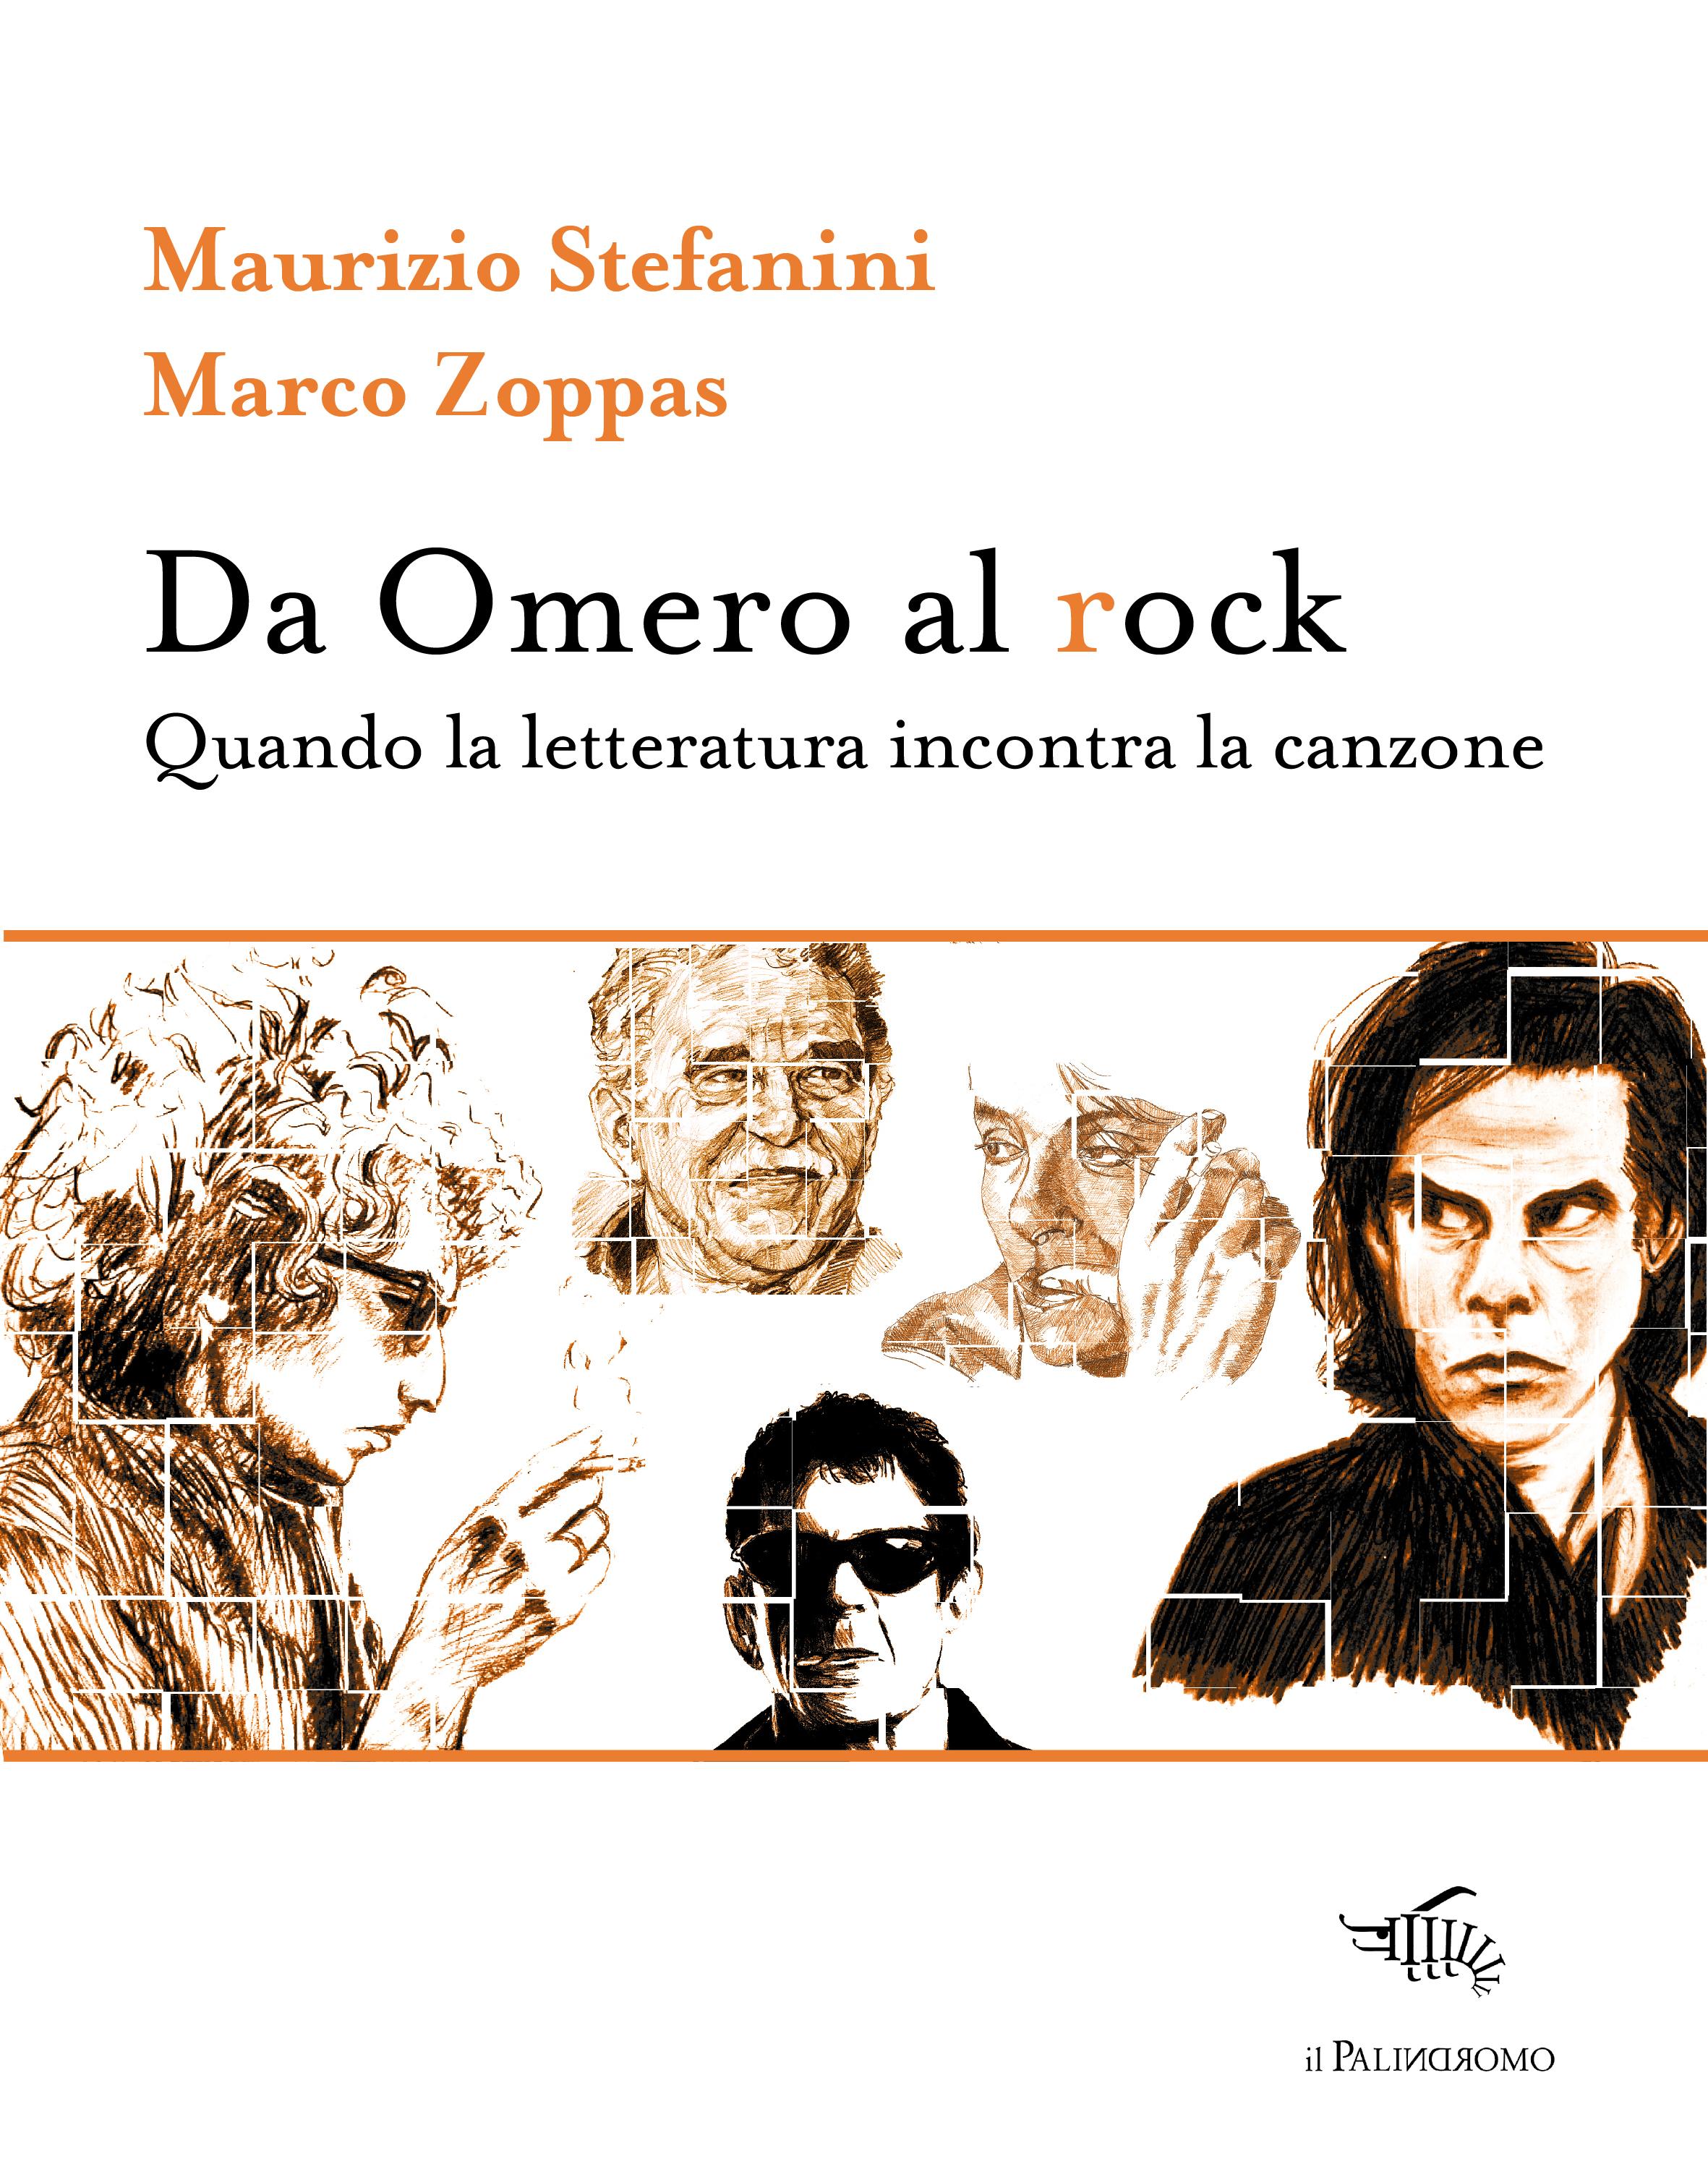 Autore: Maurizio Stefanini e Marco Zoppas